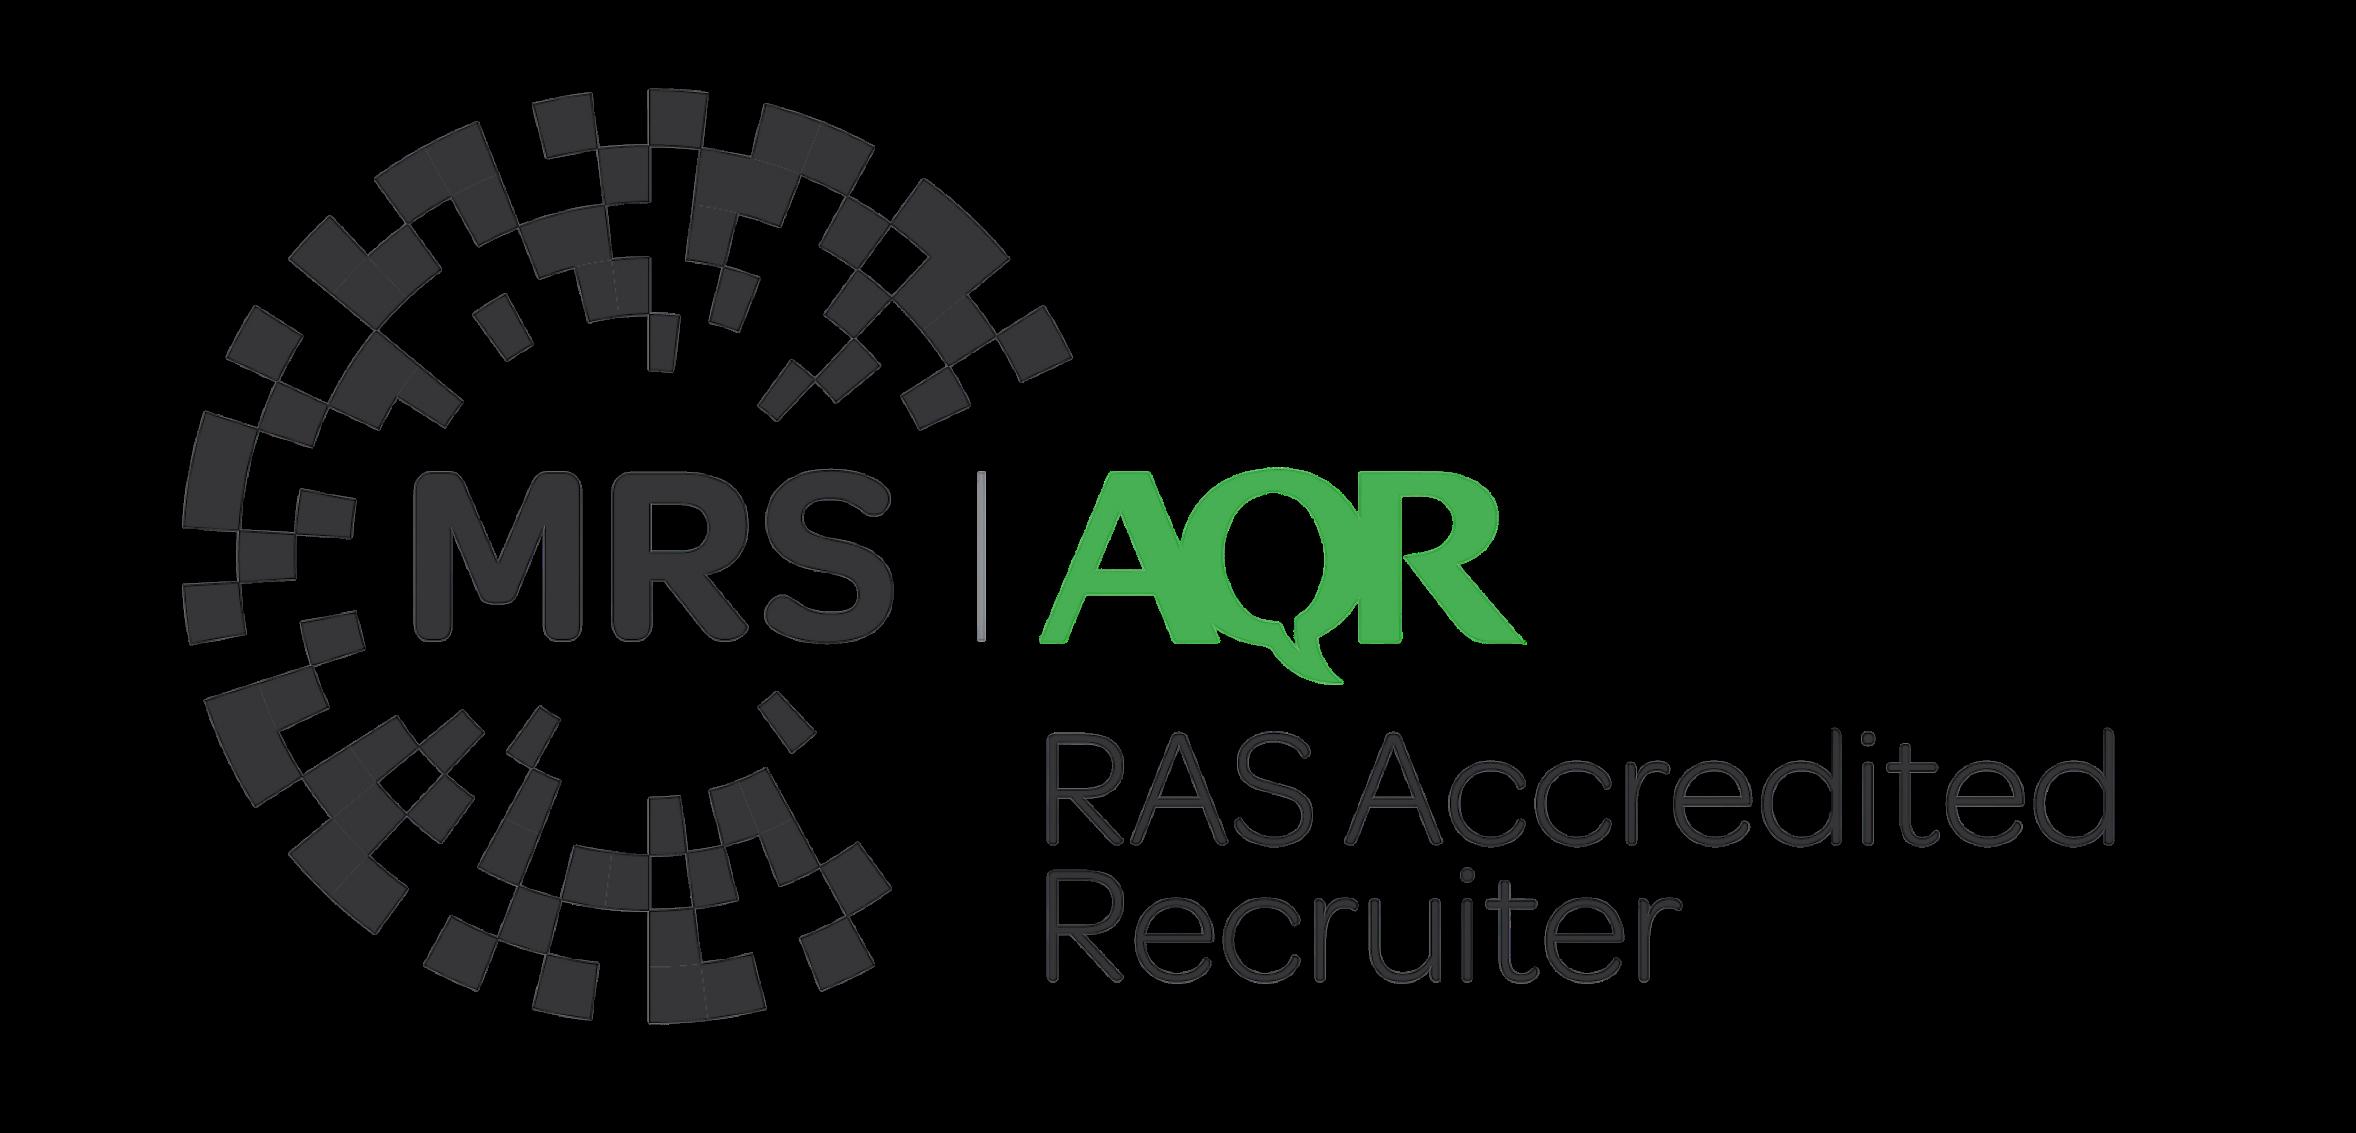 MRS_AQR_RASRecruiter_0720